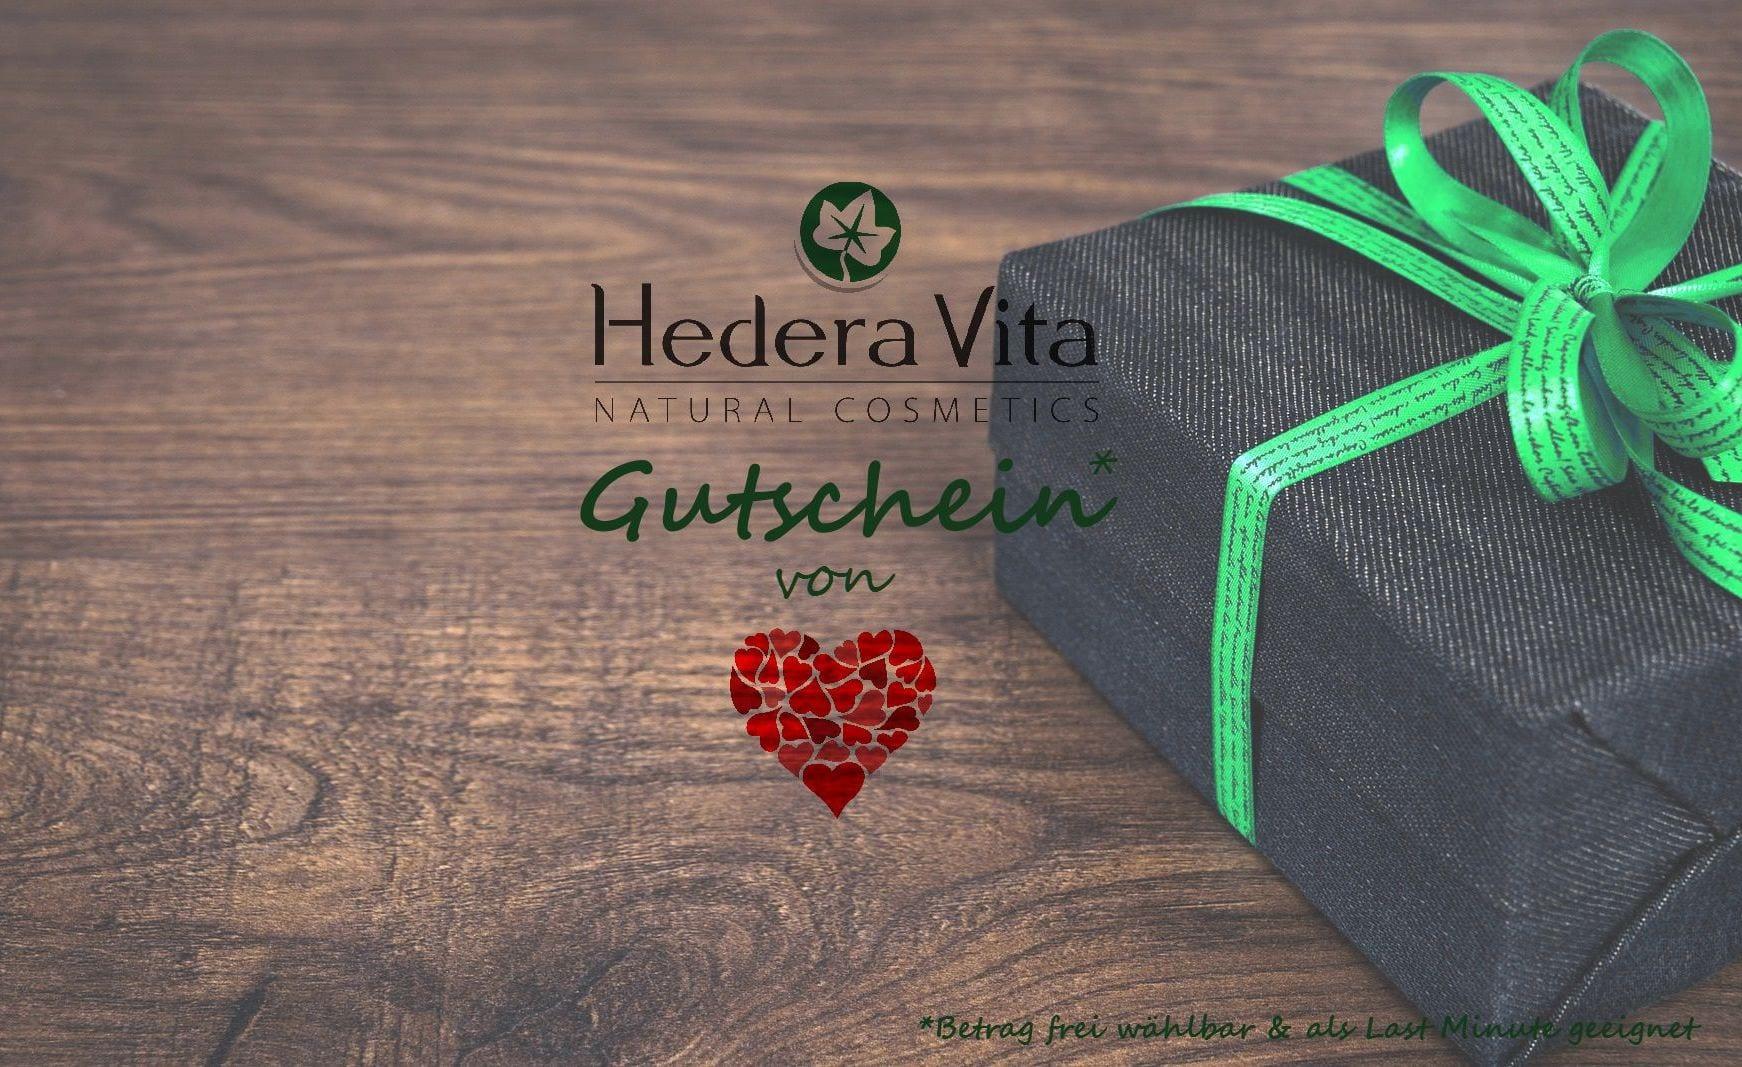 Hedera Vita Gutschein